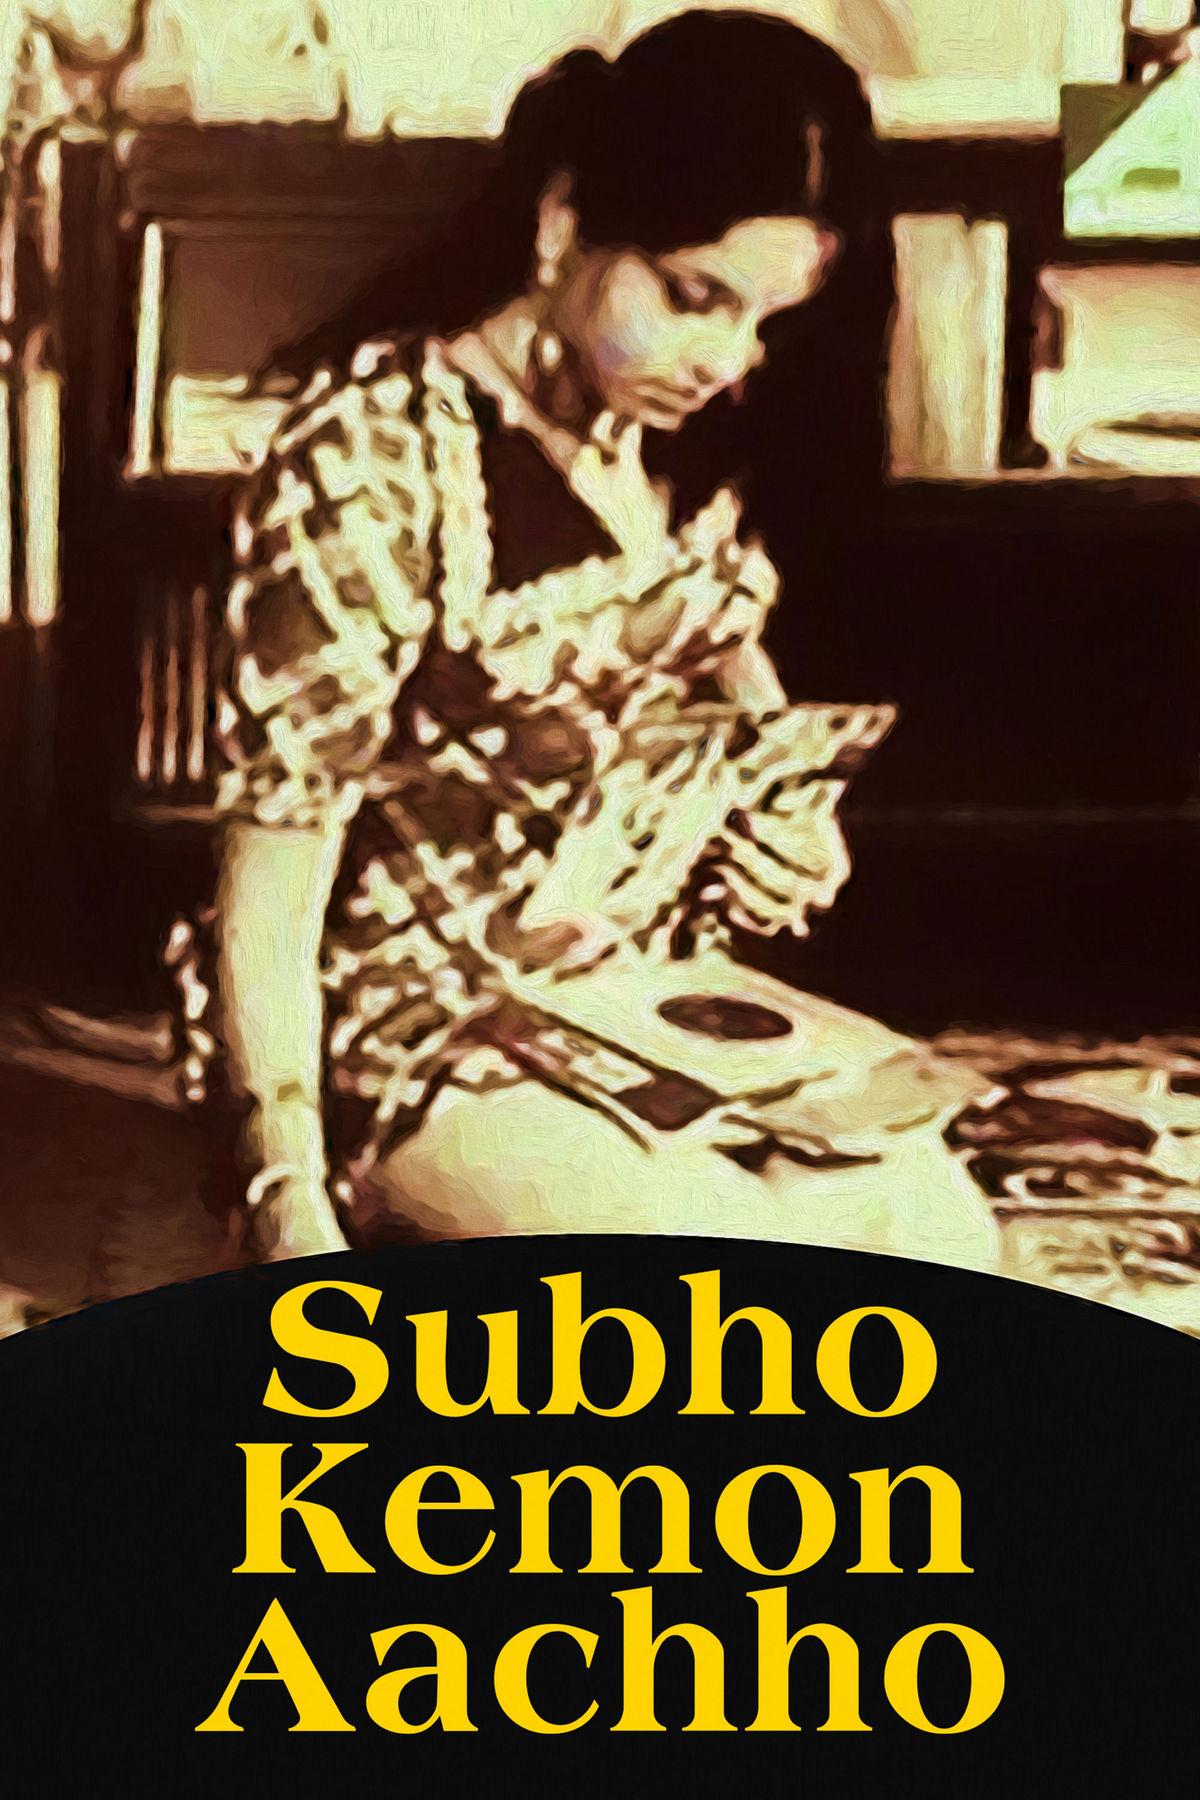 Subho Kemon Aachho